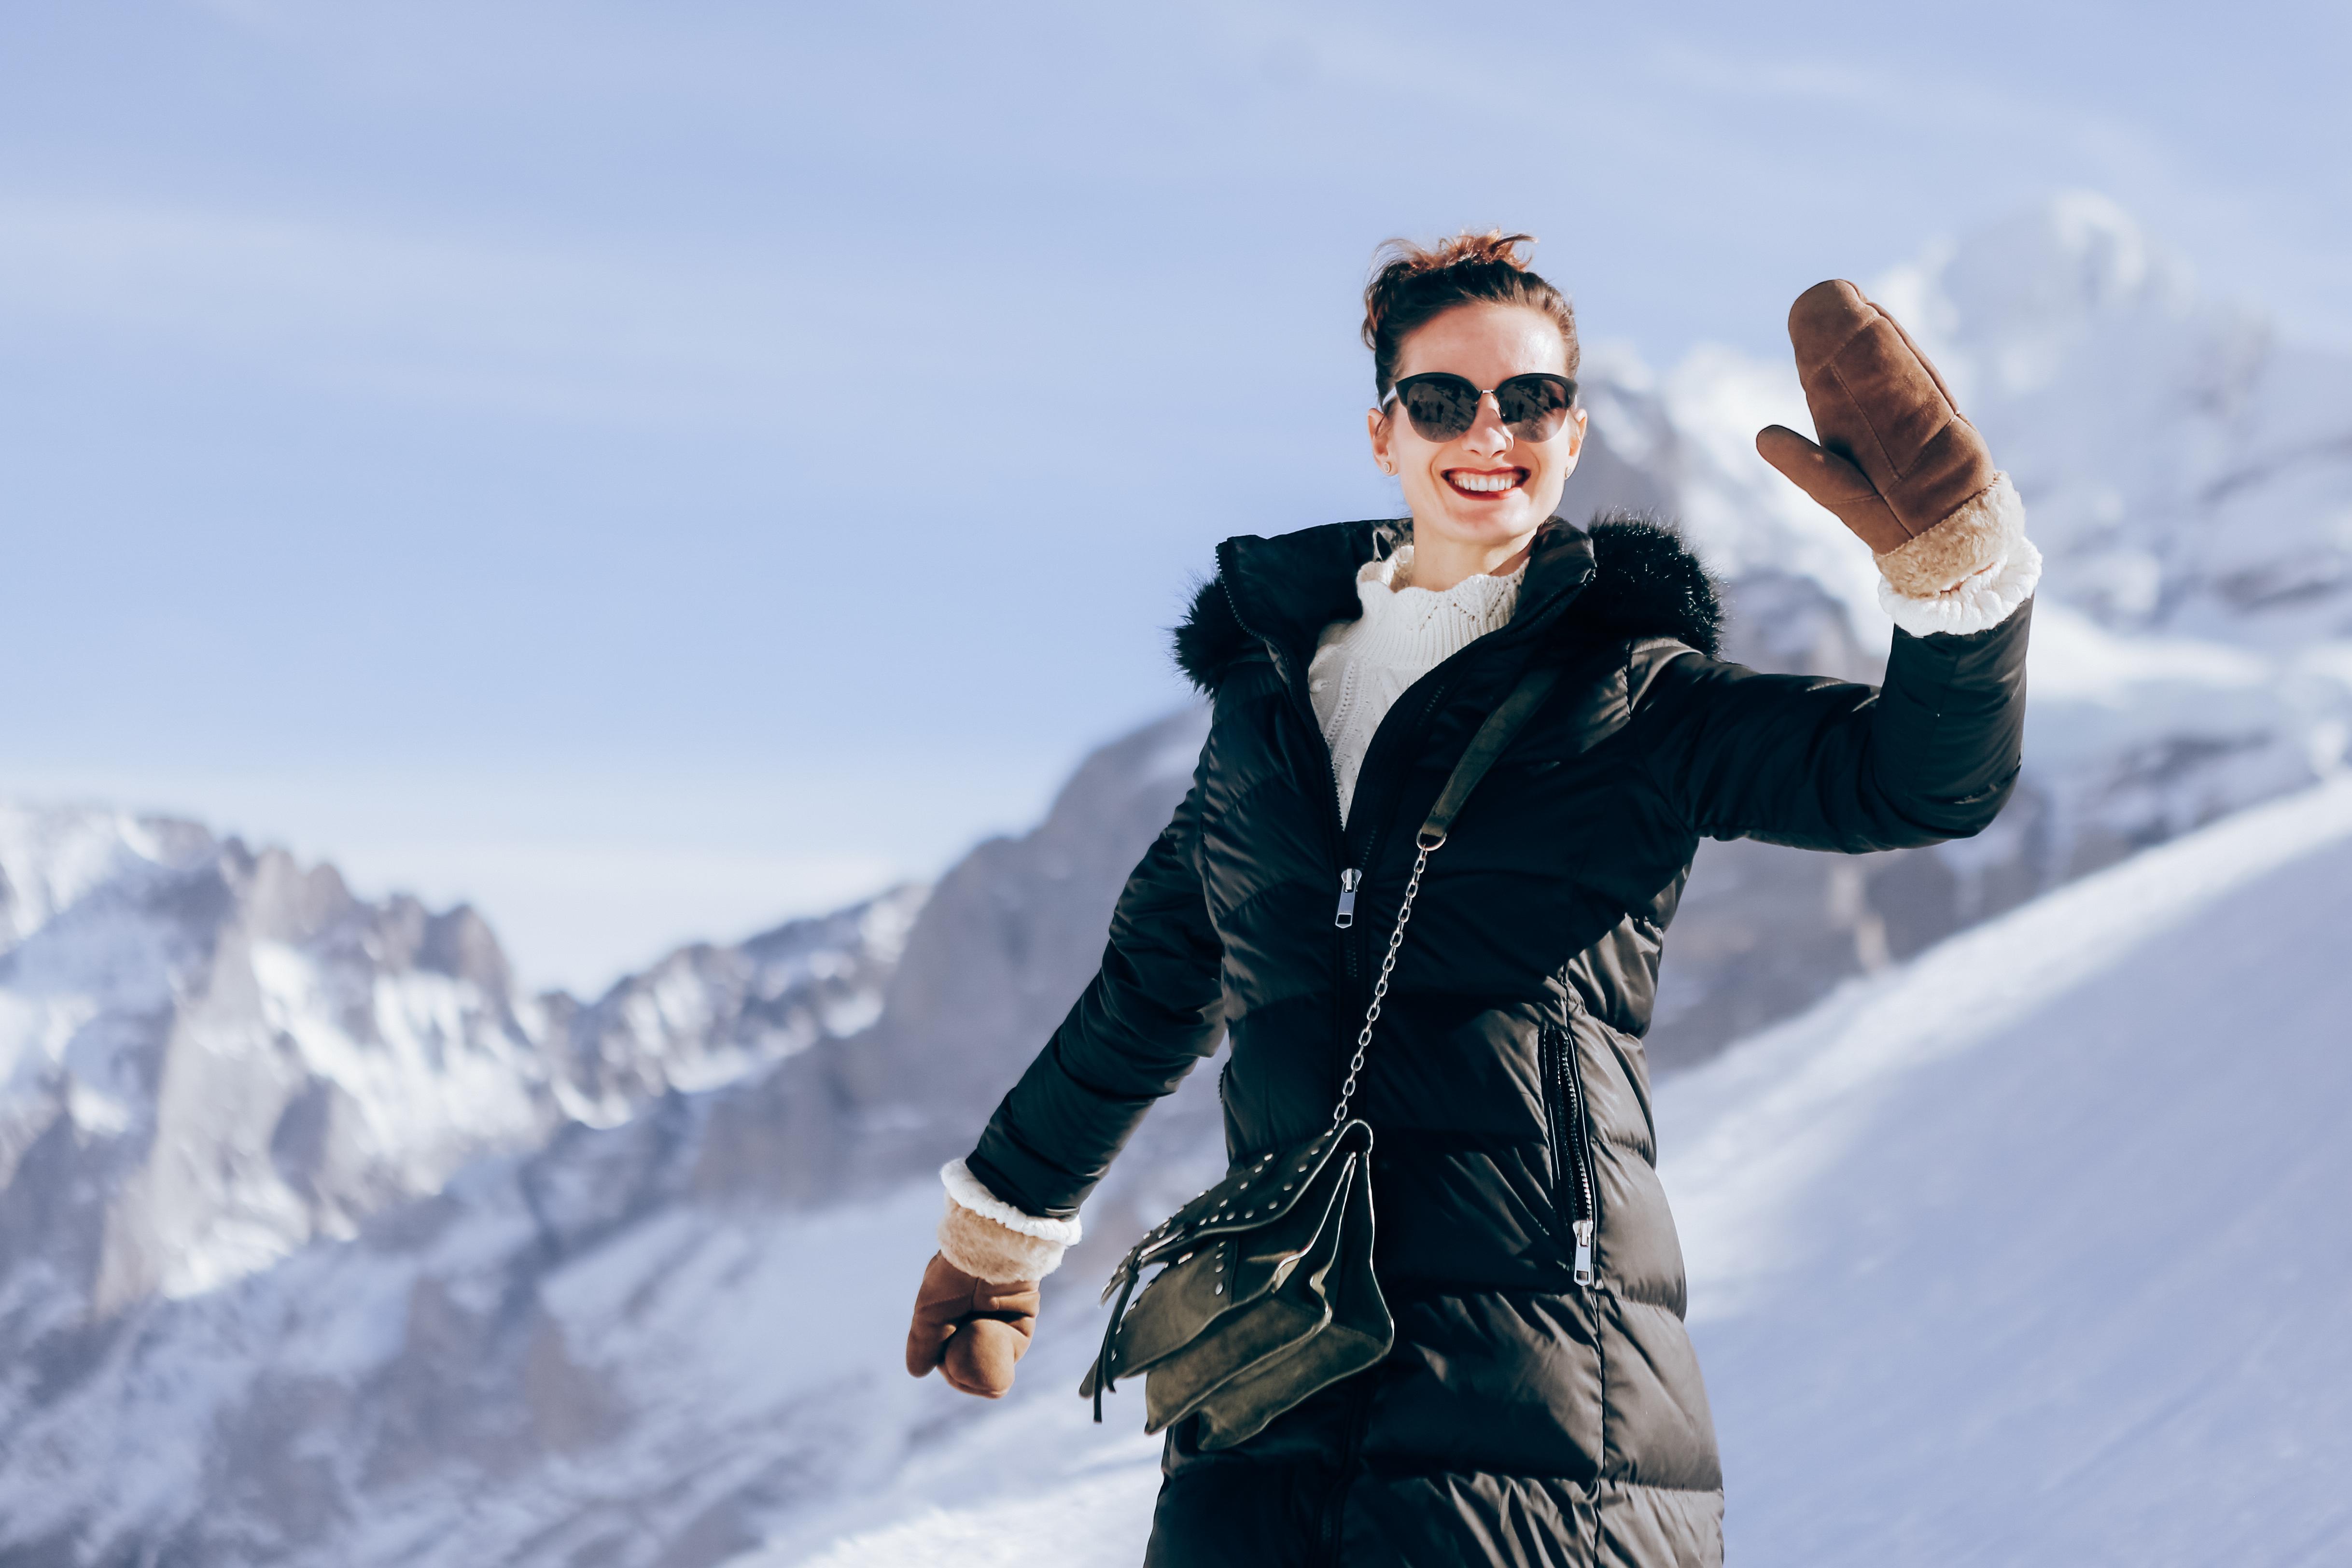 Grindelwald, Jungfrau Ski Region 86